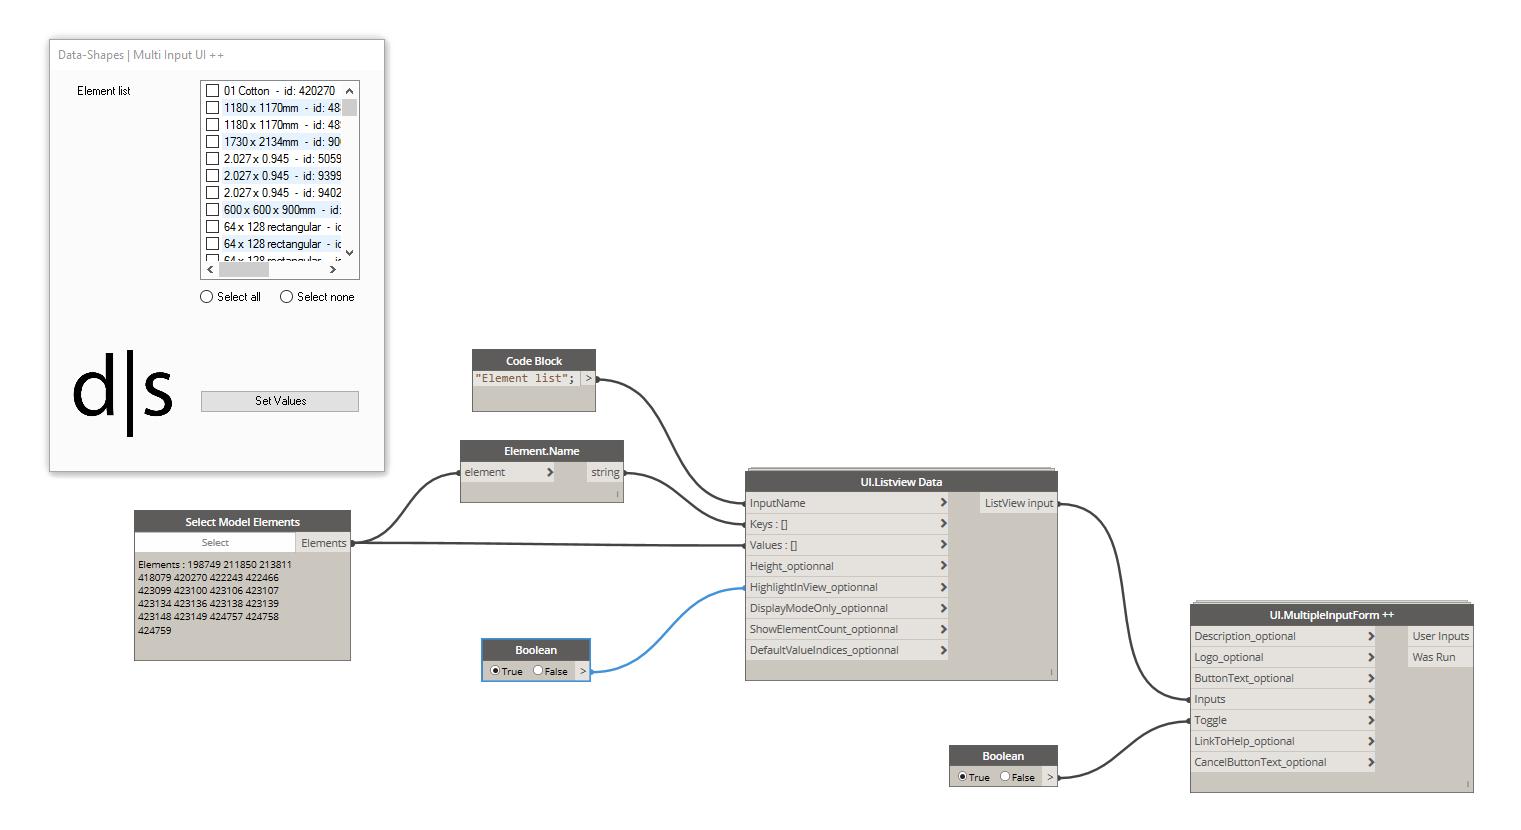 ListView input enhancements – data shapes